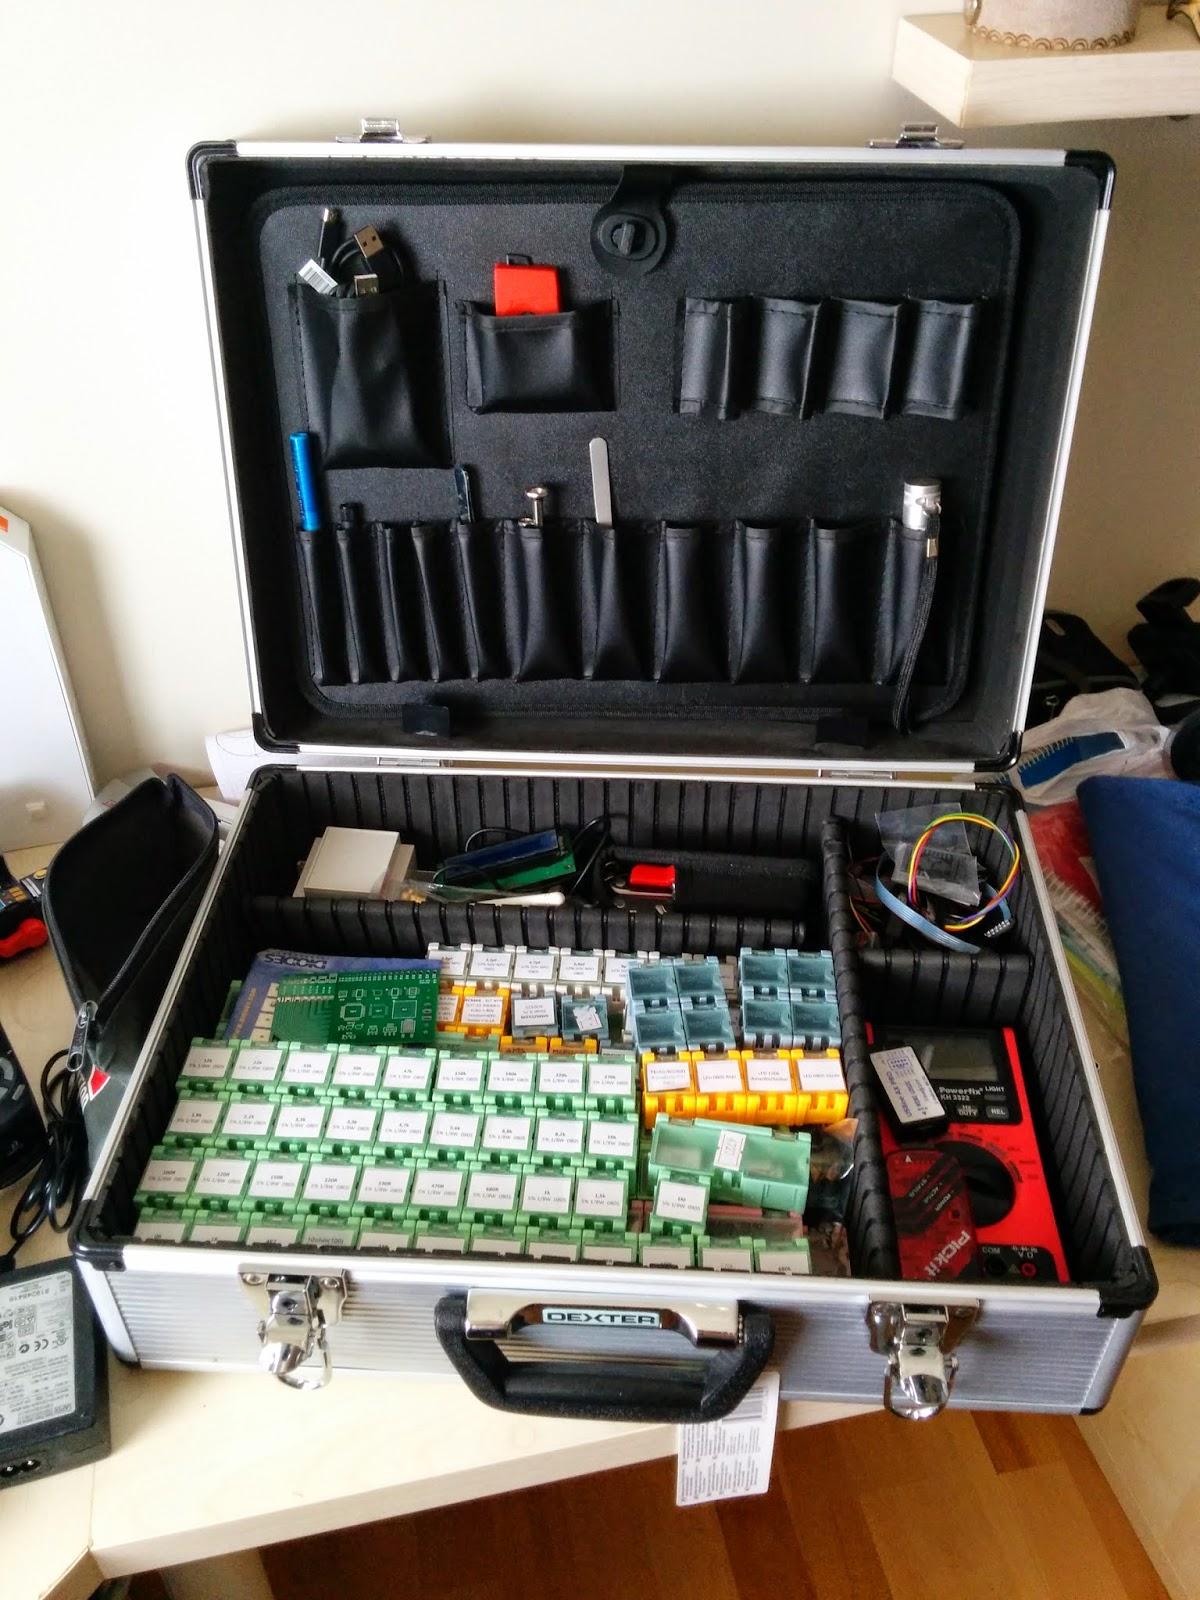 Organización interna del maletín